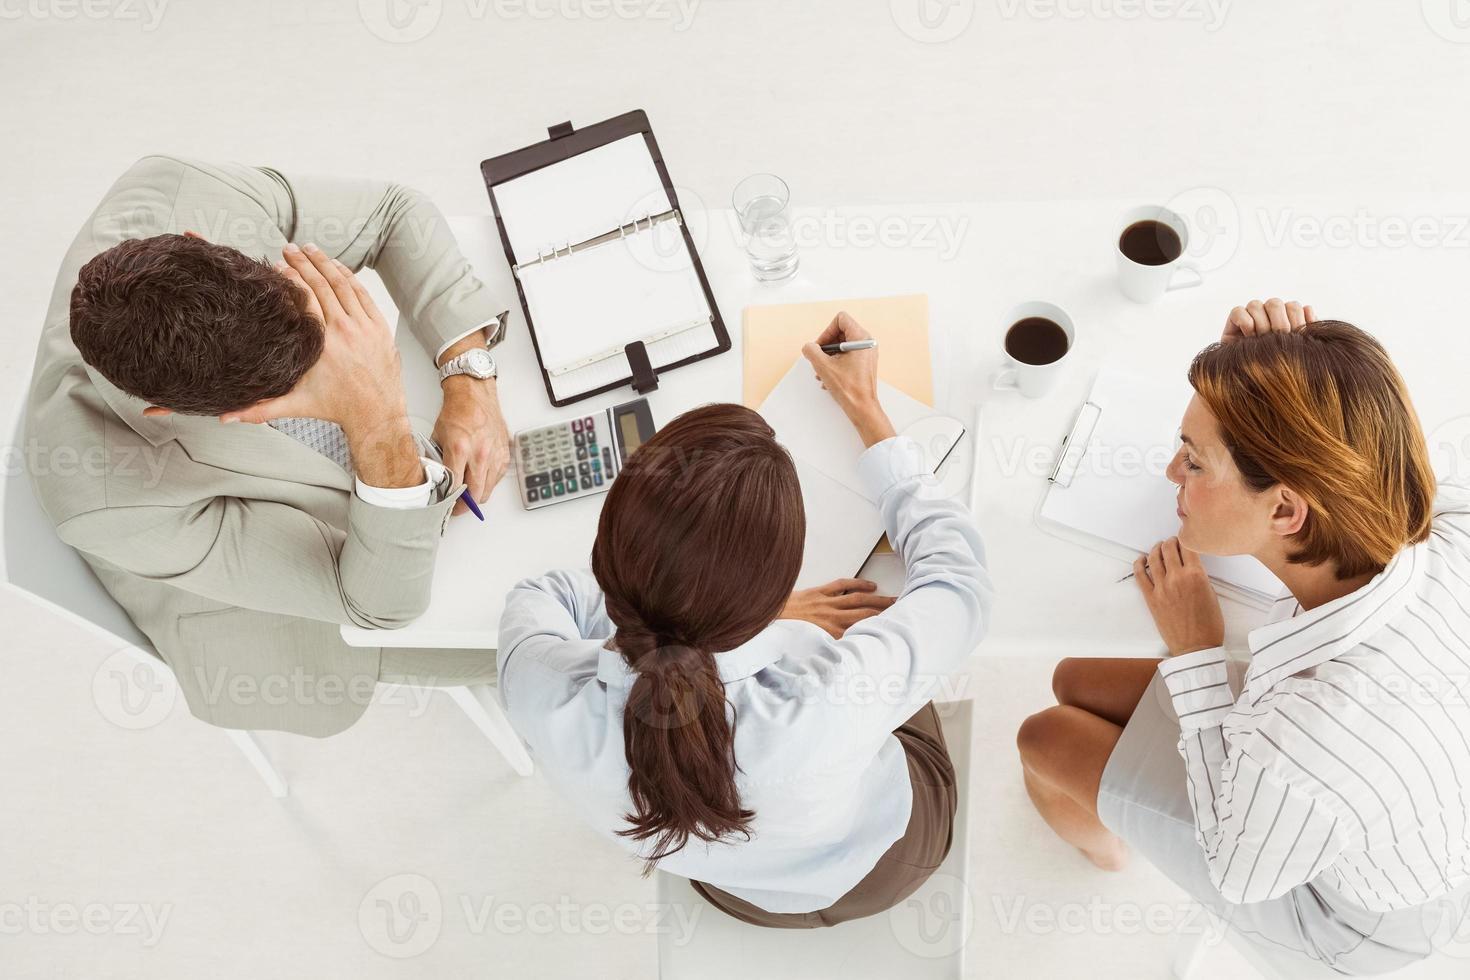 affärsmän i möte på kontoret foto